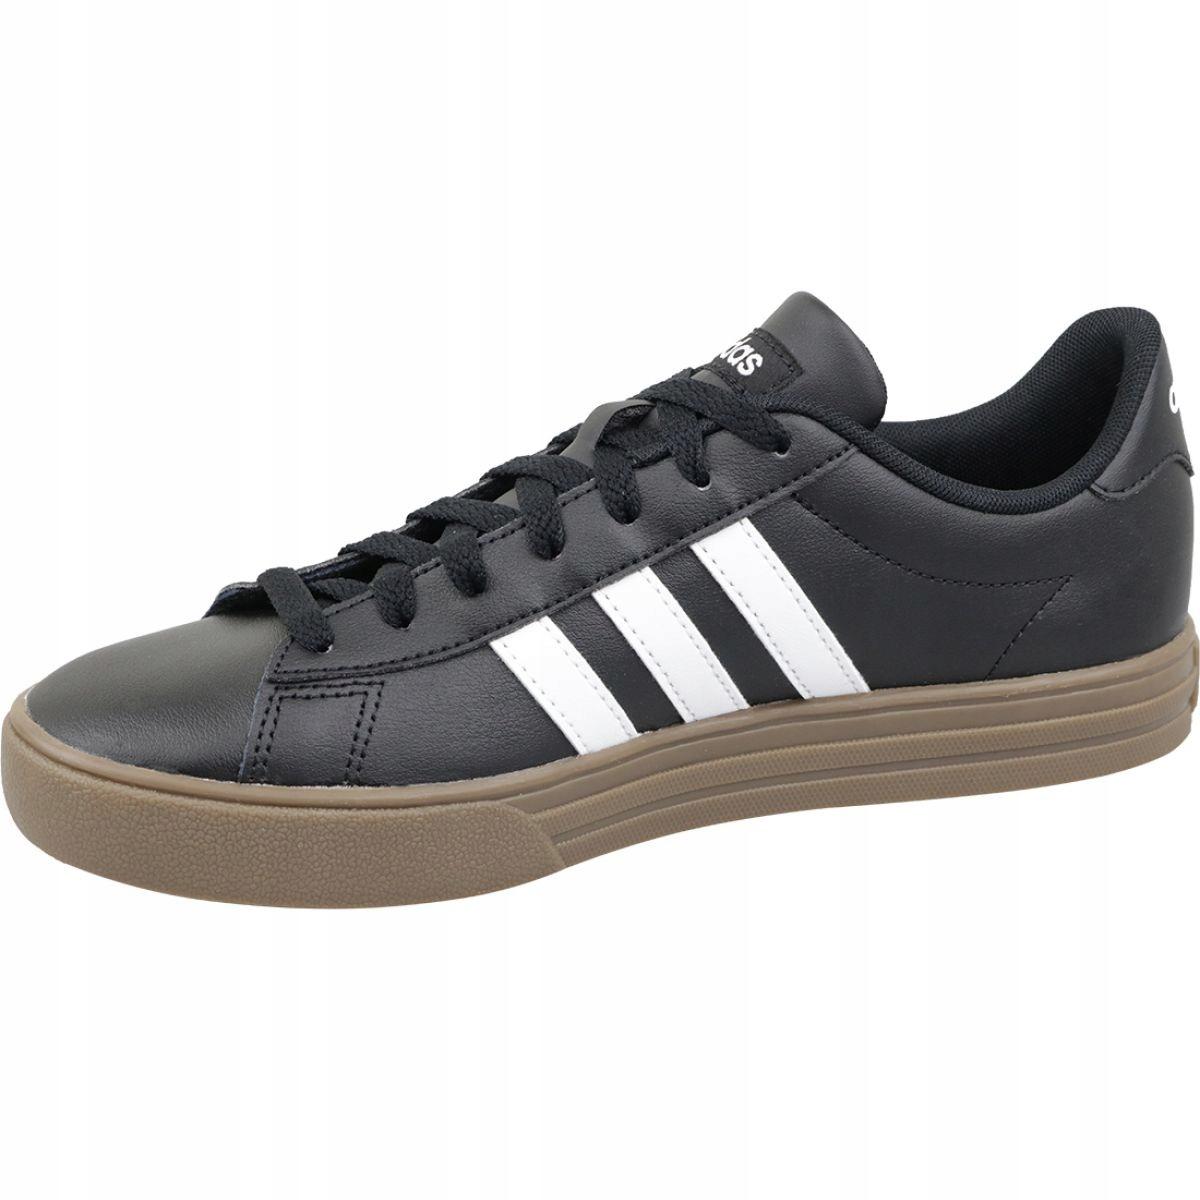 Shoes adidas Daily 2.0 M F34468 black